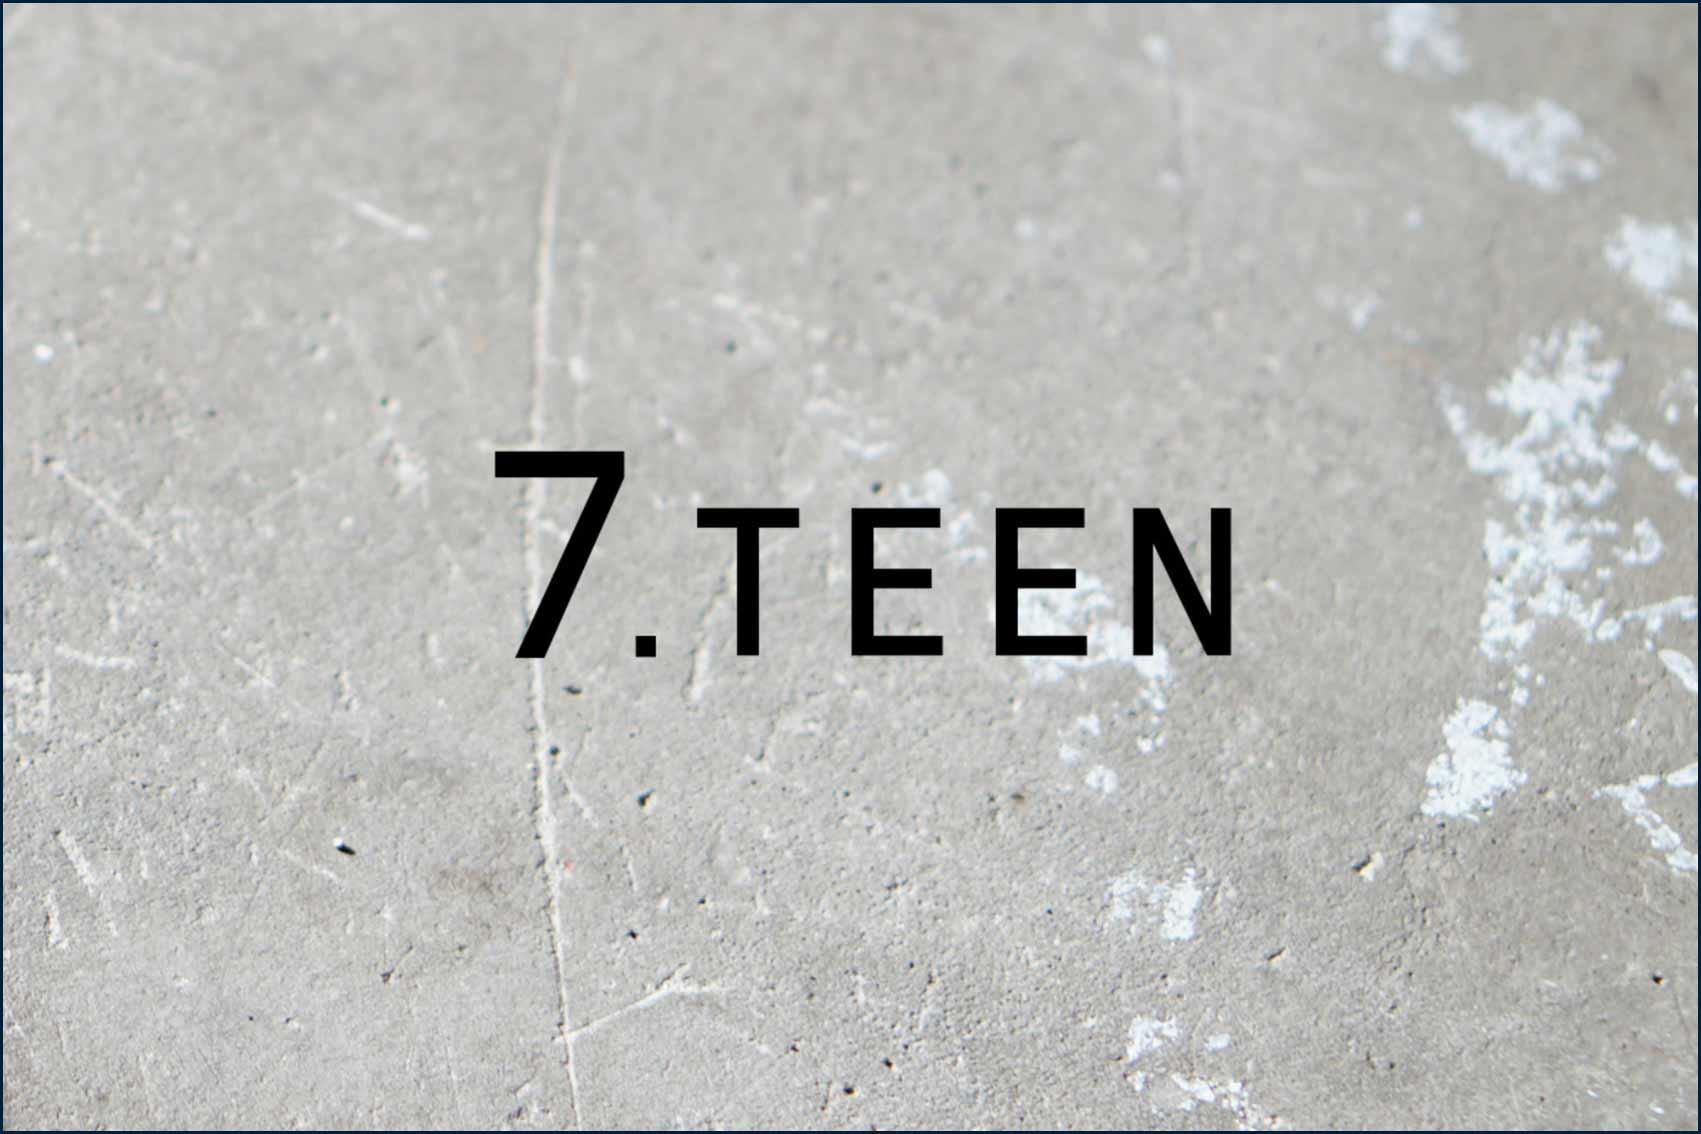 7TEEN CLOTHING